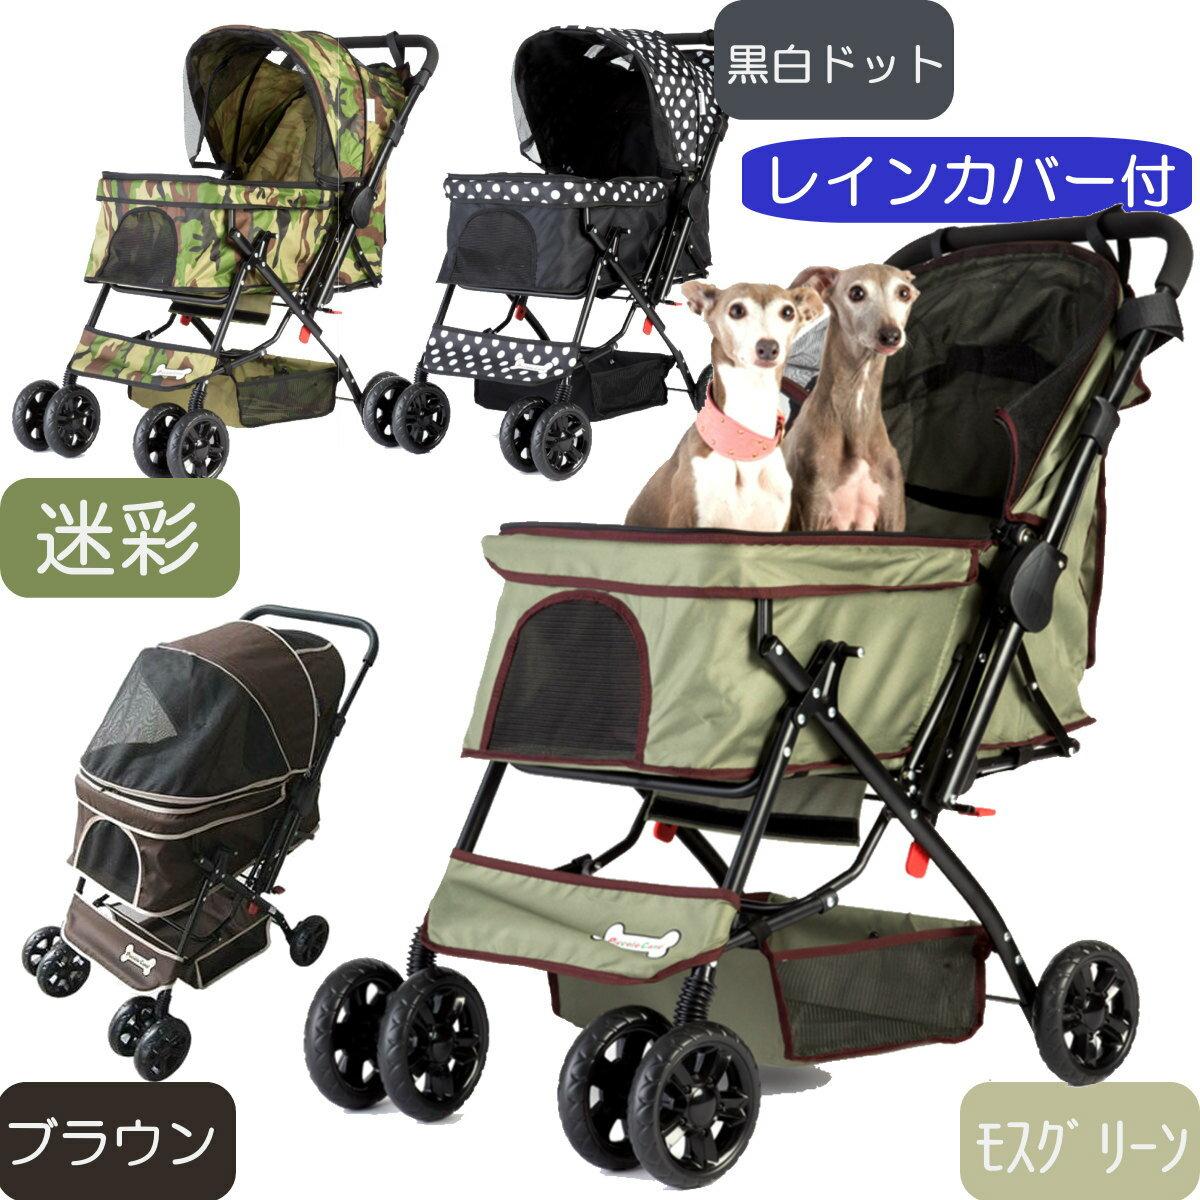 【あす楽】ピッコロカーネ PRIMO   DG602   レインカバー付属版   全3色   耐荷重25kg   NUOVO 折畳式 犬用 ペットカート プリモ